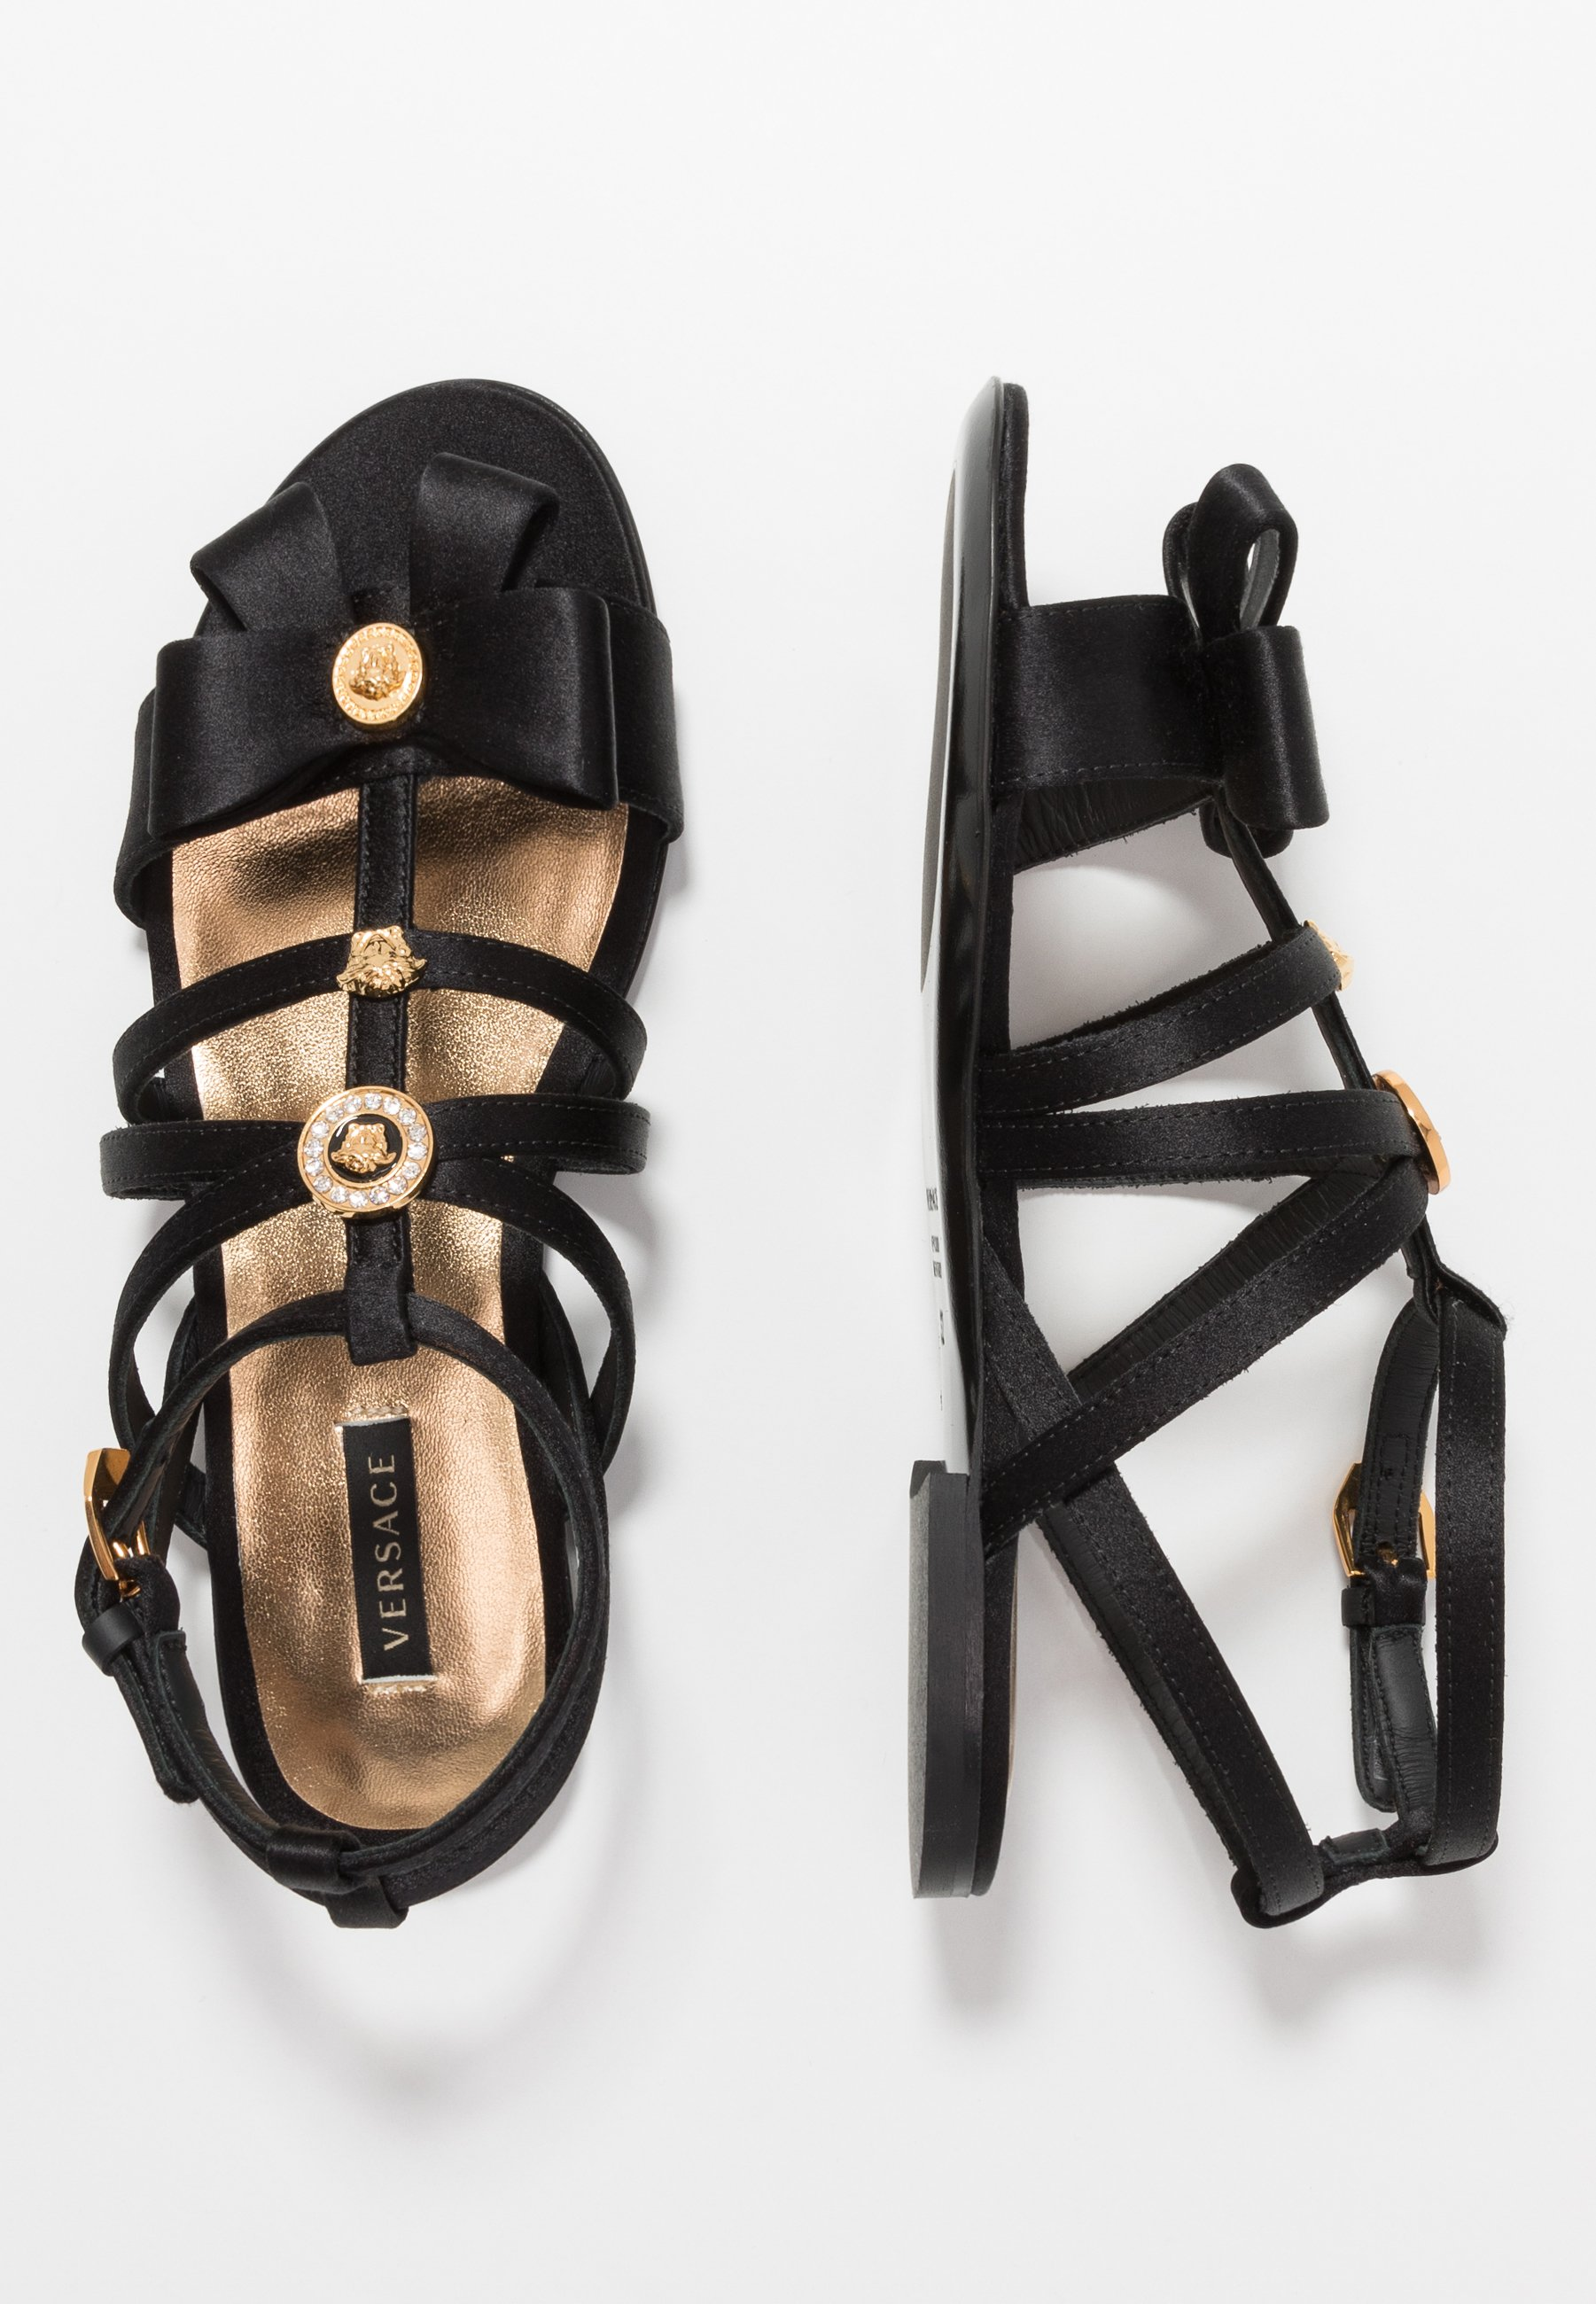 Lasten mustat sandaalit netistä   Zalandon sandaalivalikoima